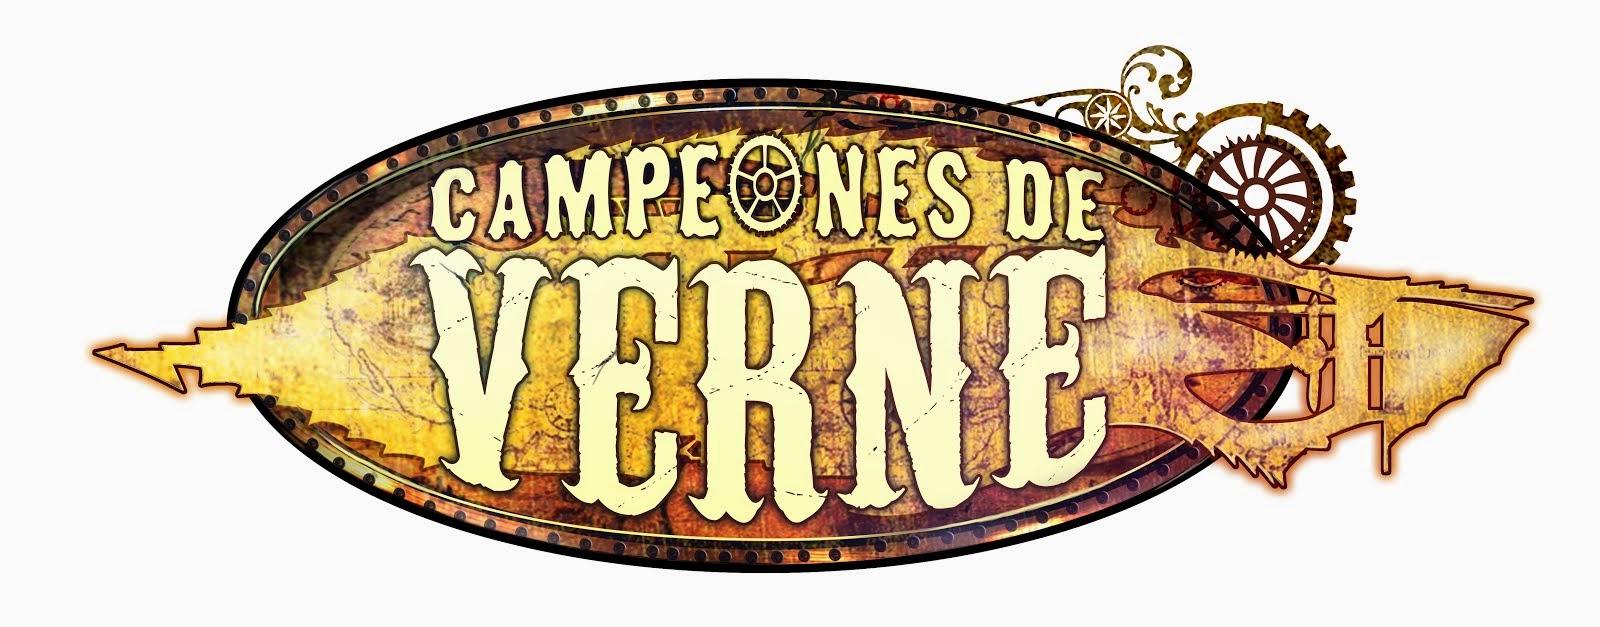 Campeones de Verne.  El juego de rol